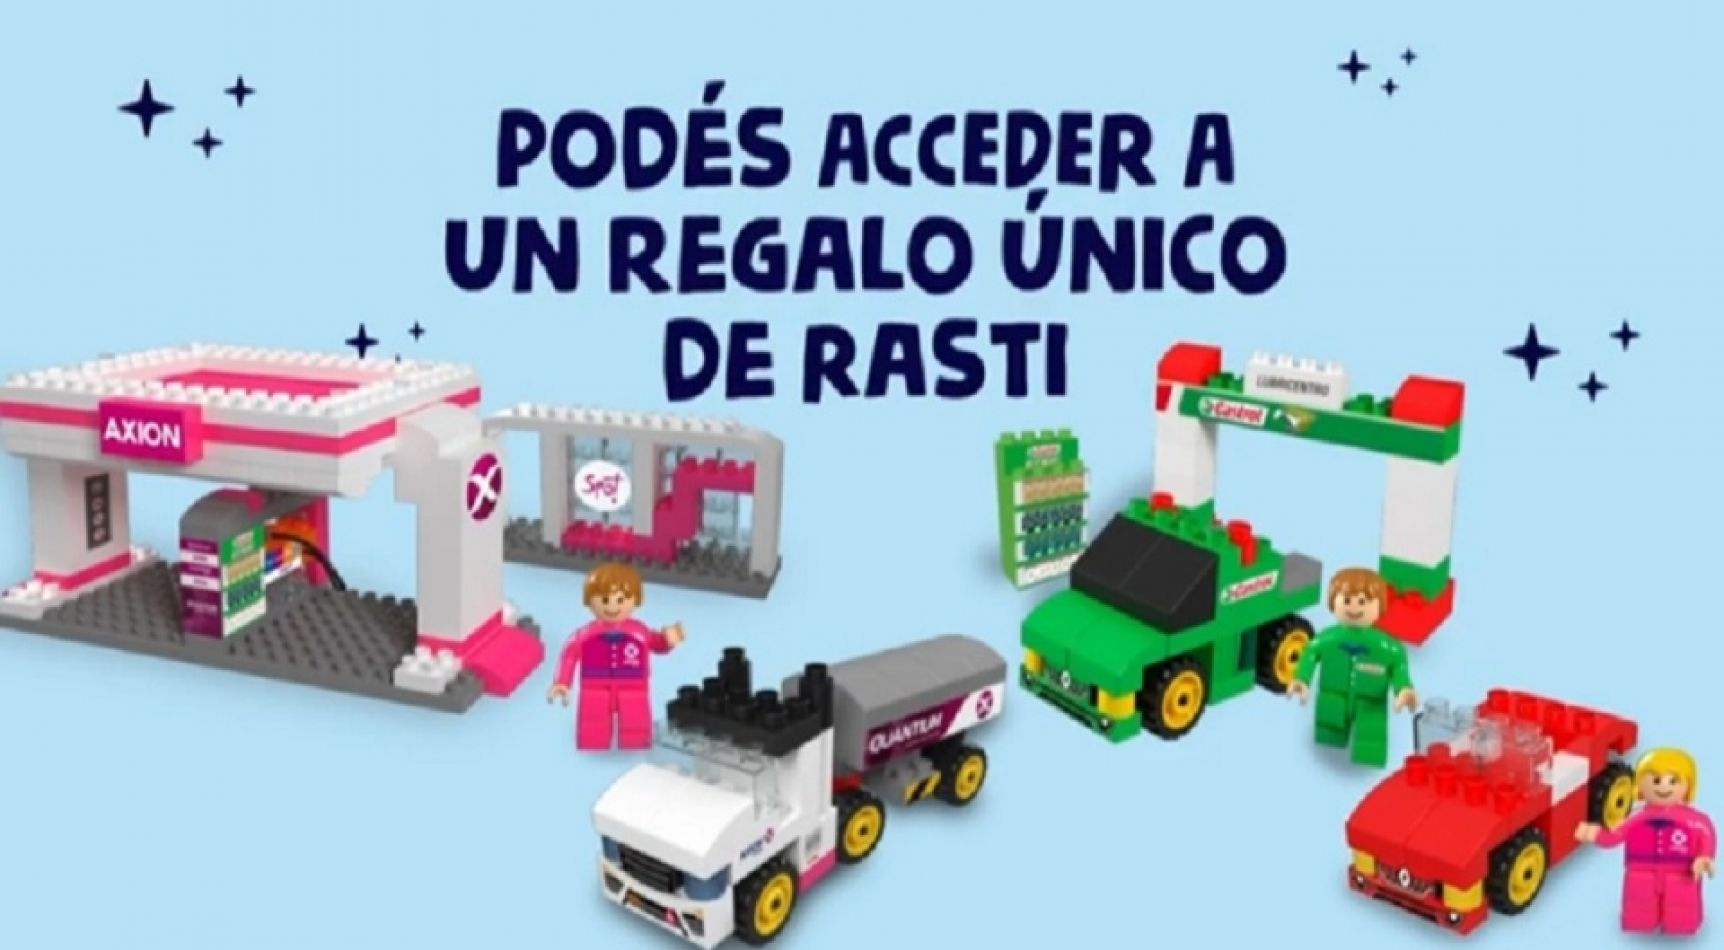 AXION Energy, junto a redACTIVOS y la fábrica de juguetes Rasti lanzaron una campaña para el mes del niño.